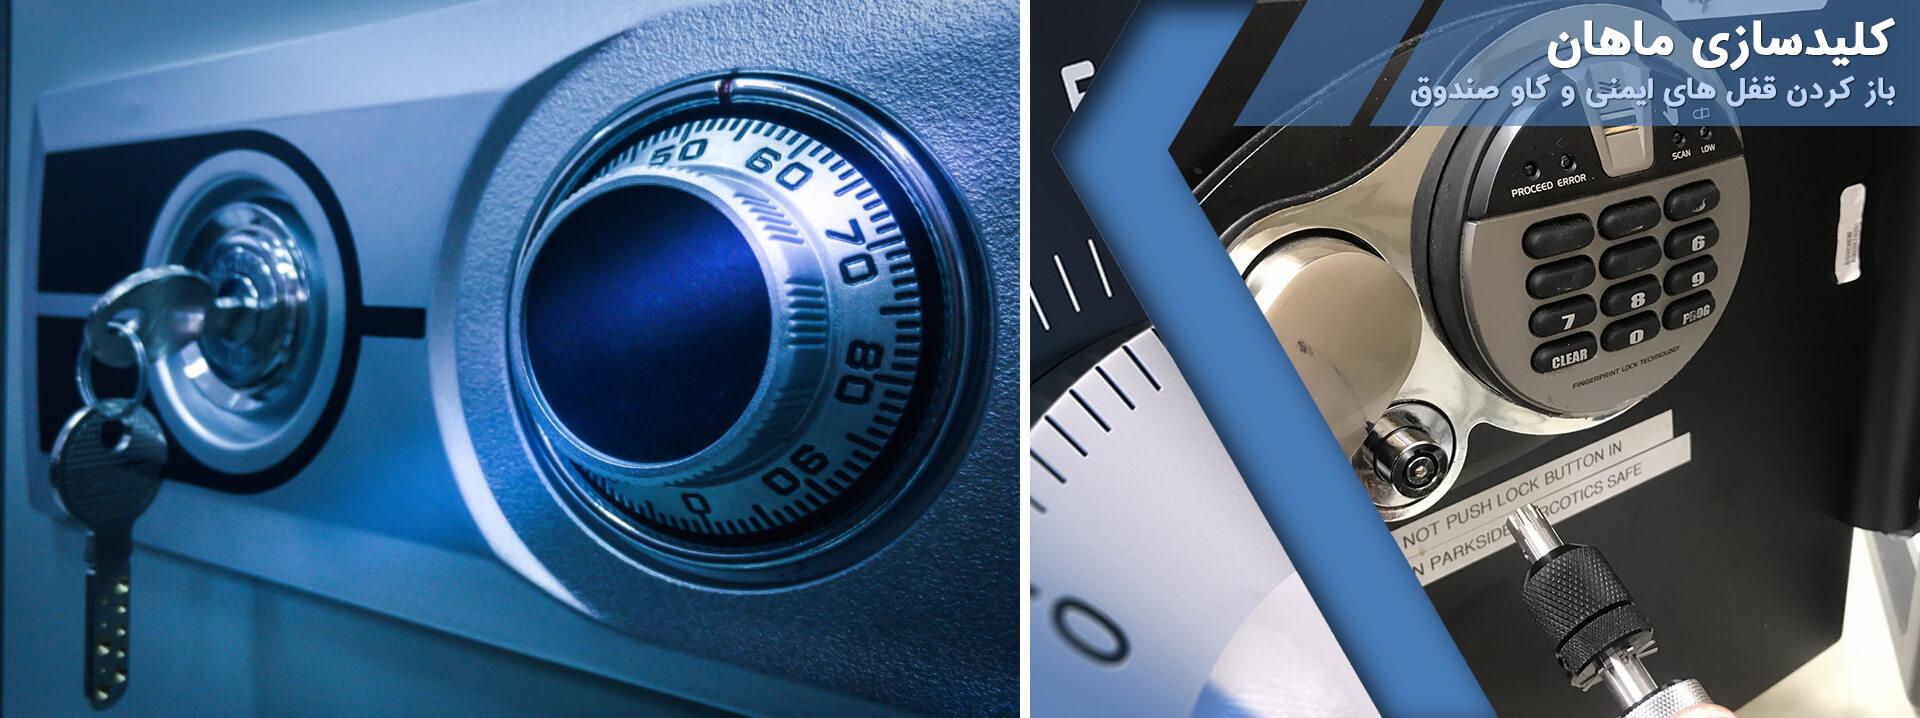 باز کردن انواع قفل ایمنی و گاو صندوق